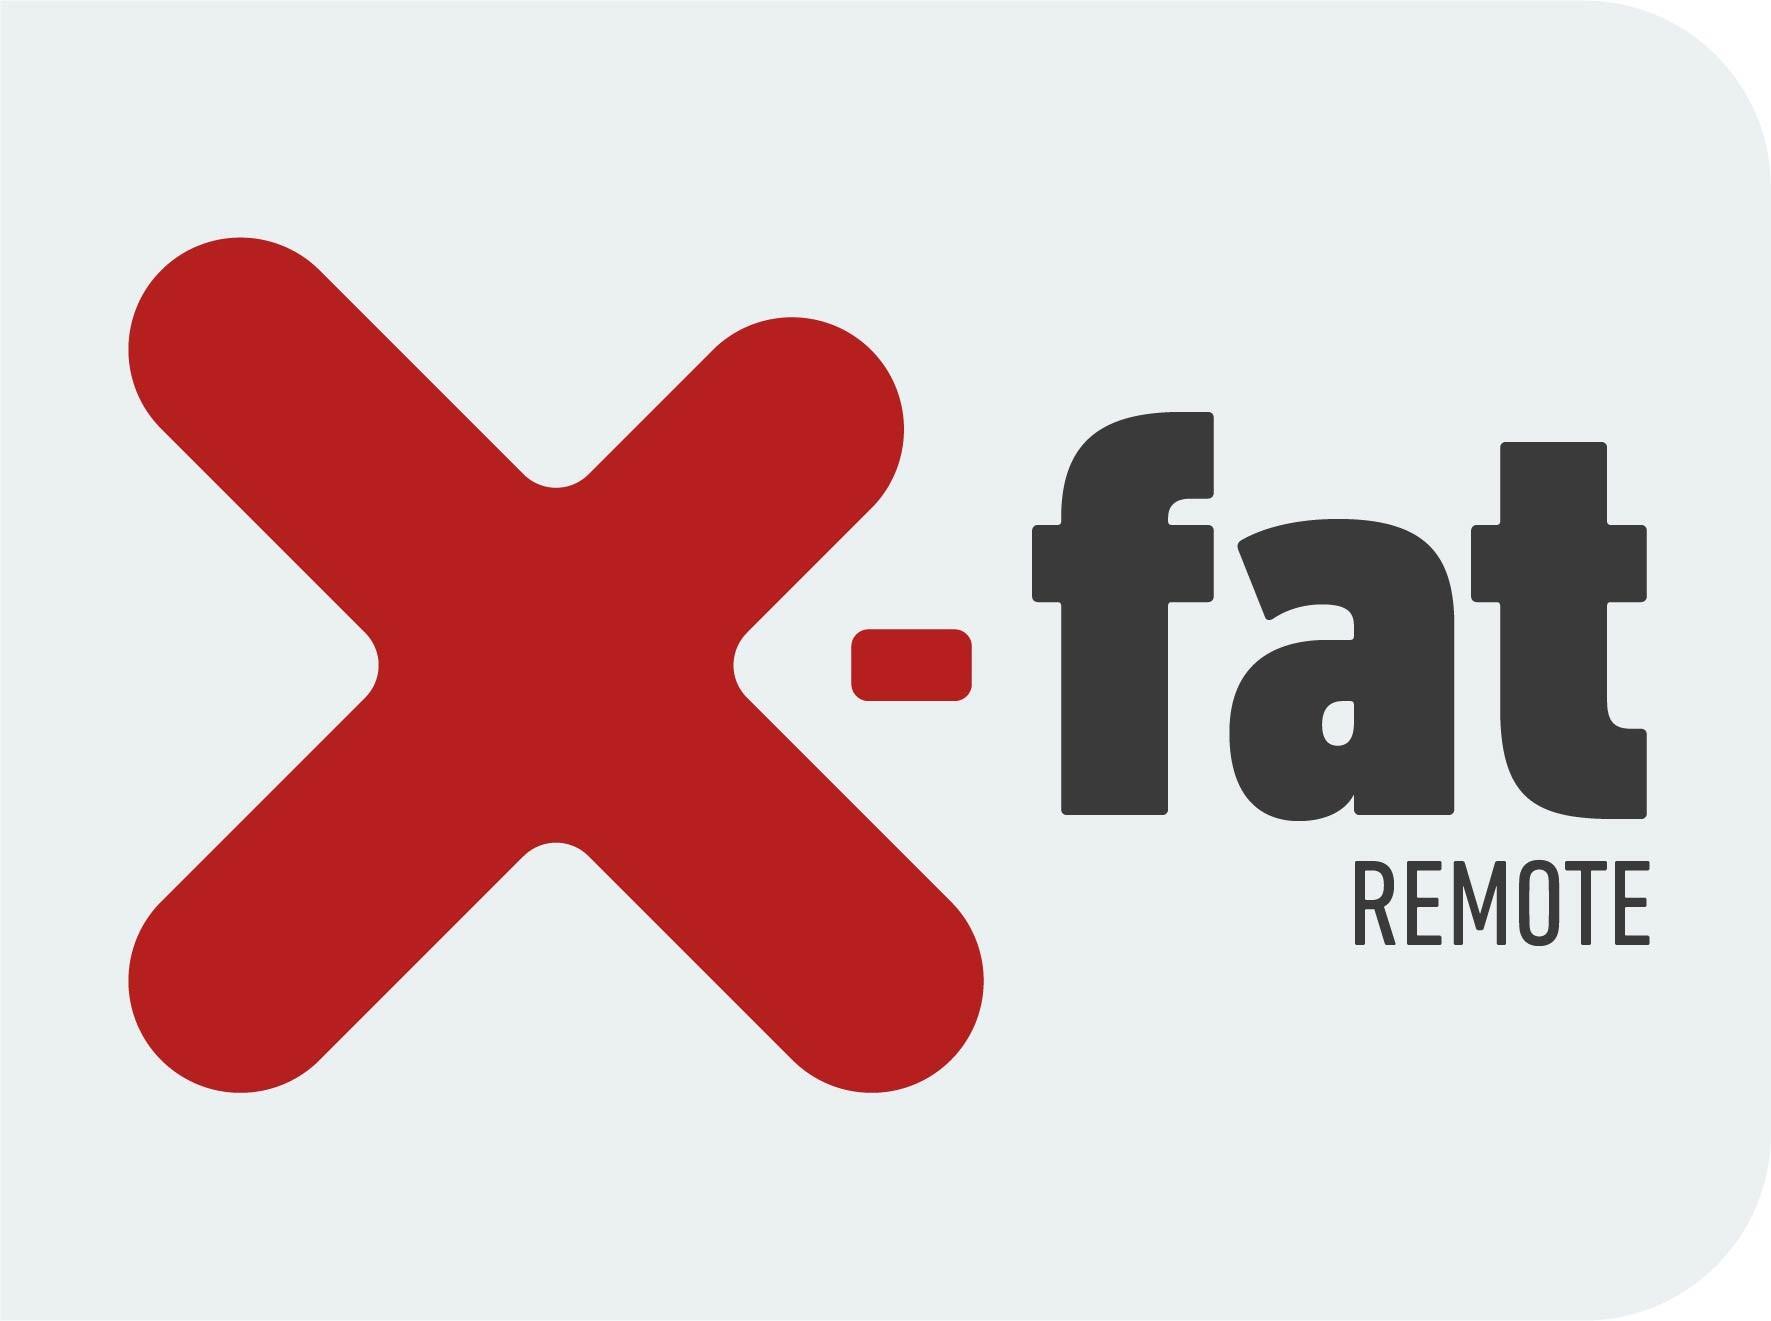 X FAT